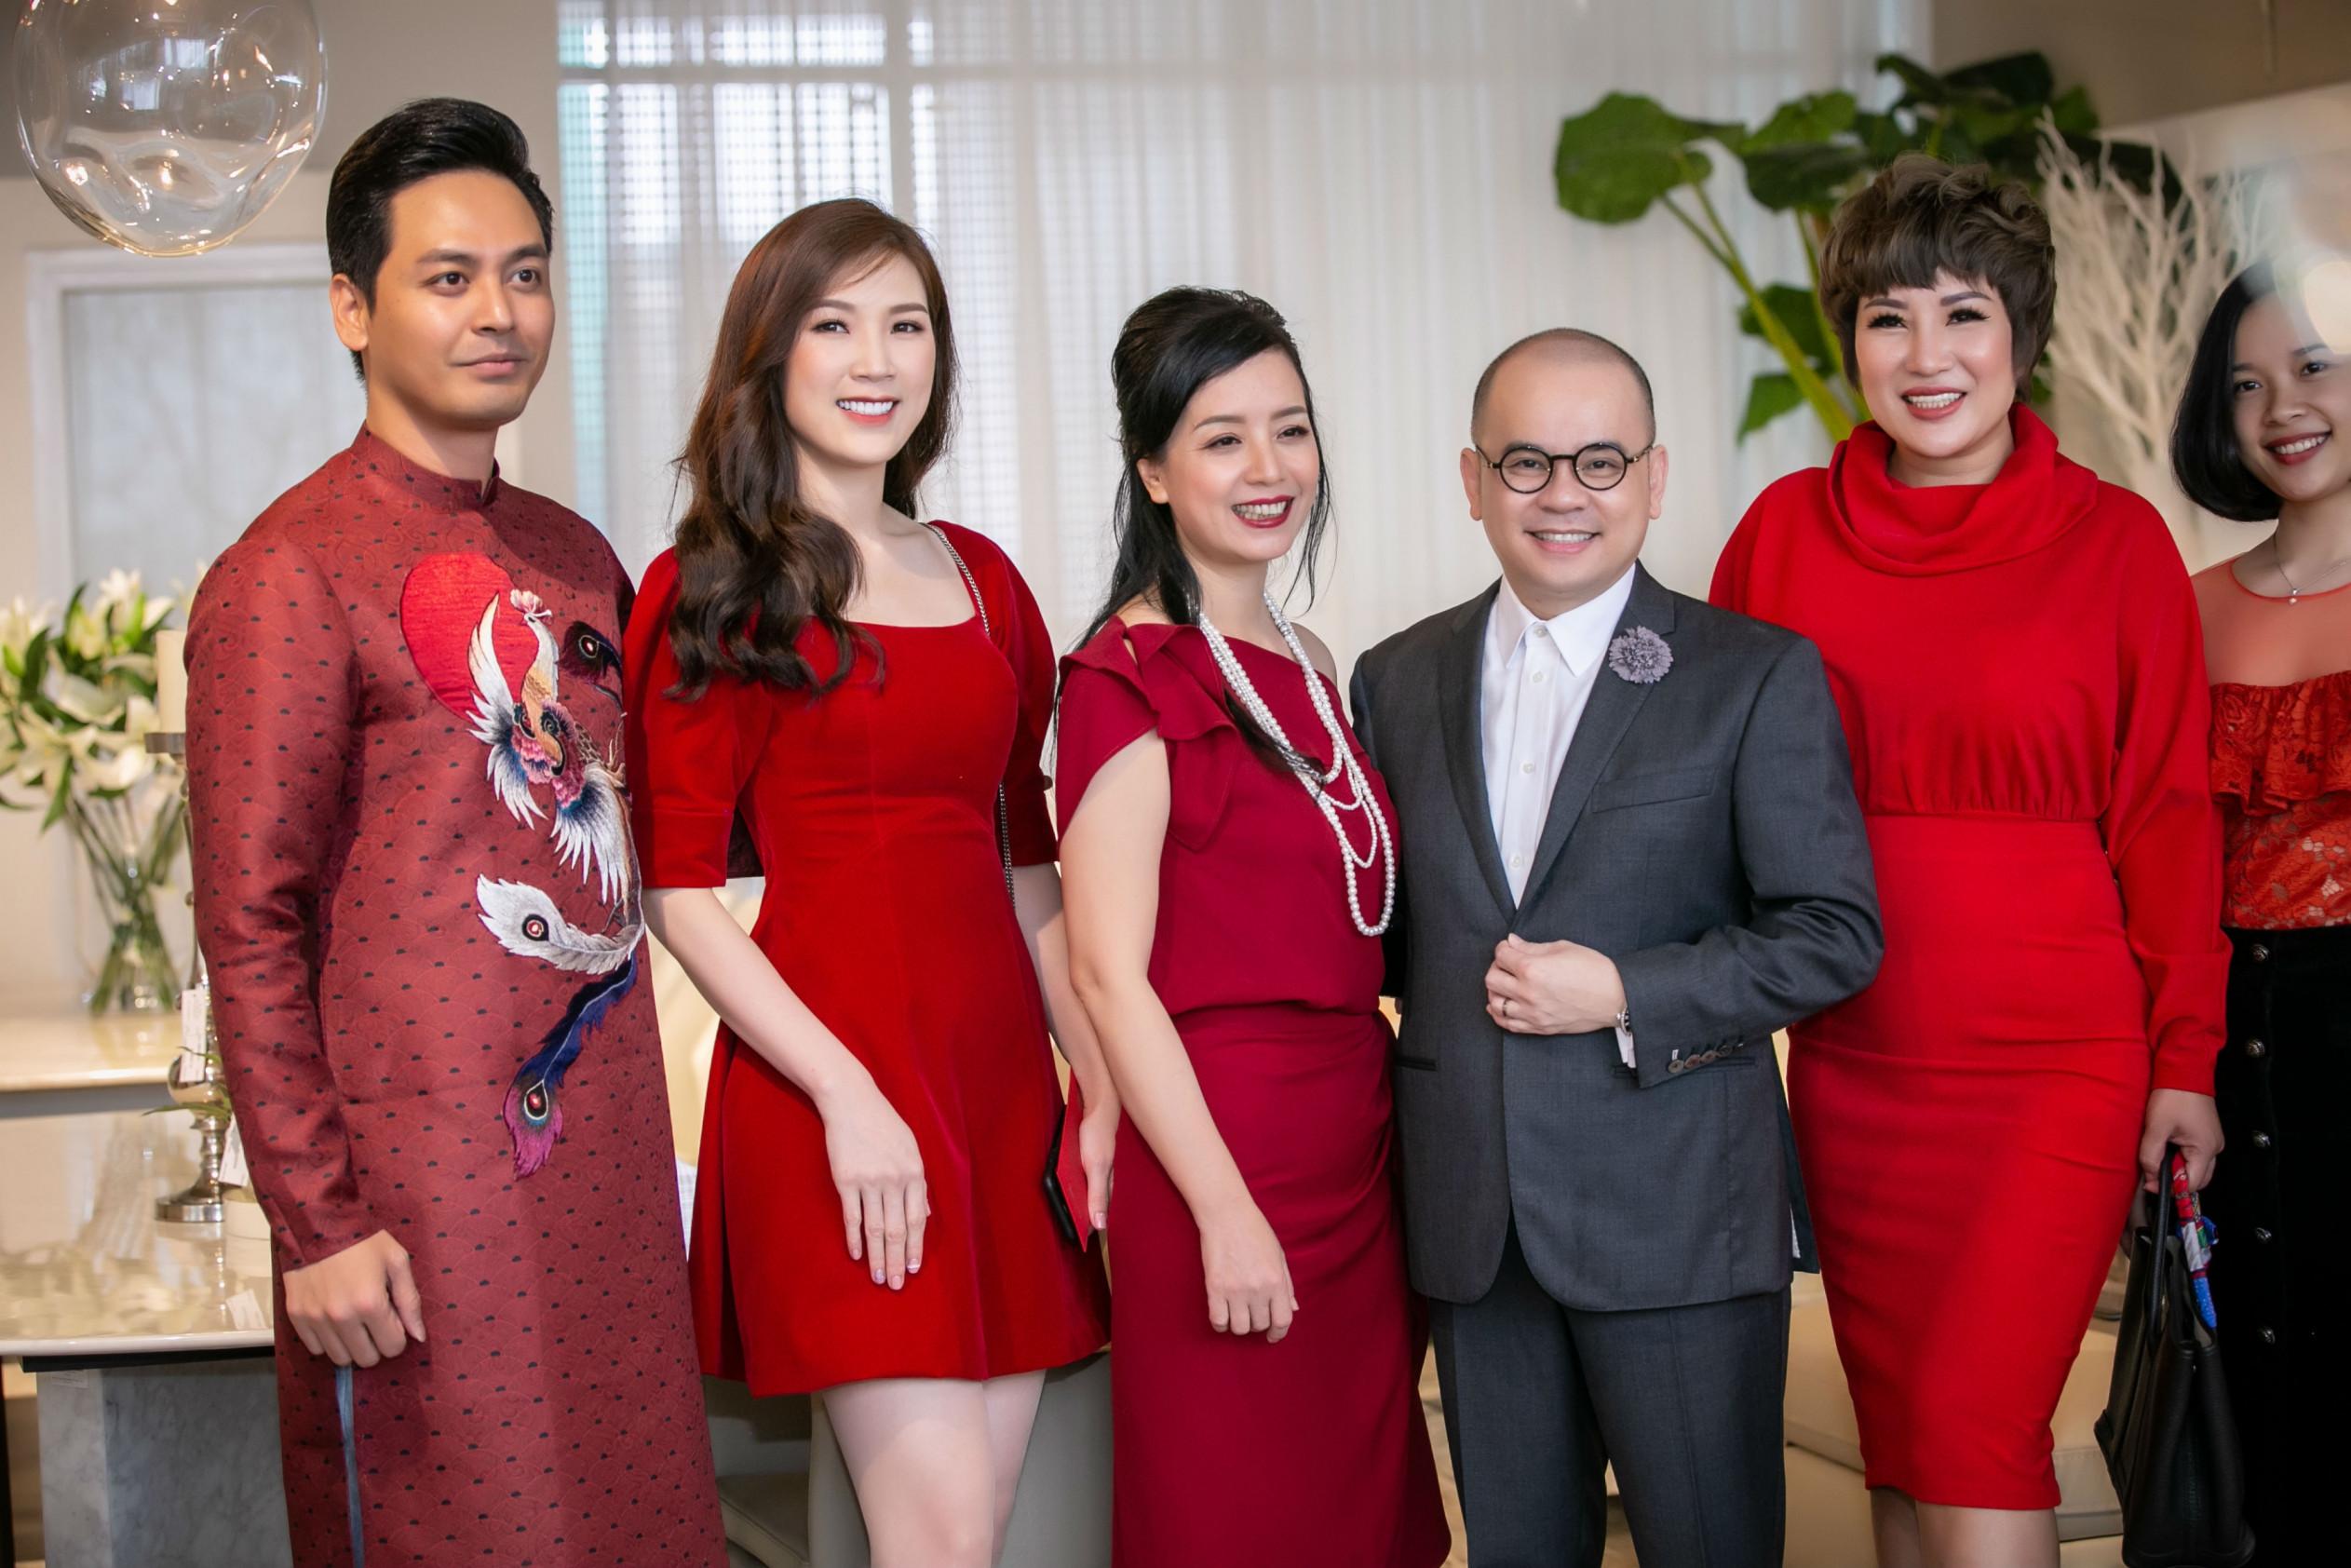 MC Phan Anh, Hoa hậu Áo dài 2018 Phí Thùy Linh, diễn viên Chiều Xuân cũng đến chúc mừng sự kiện